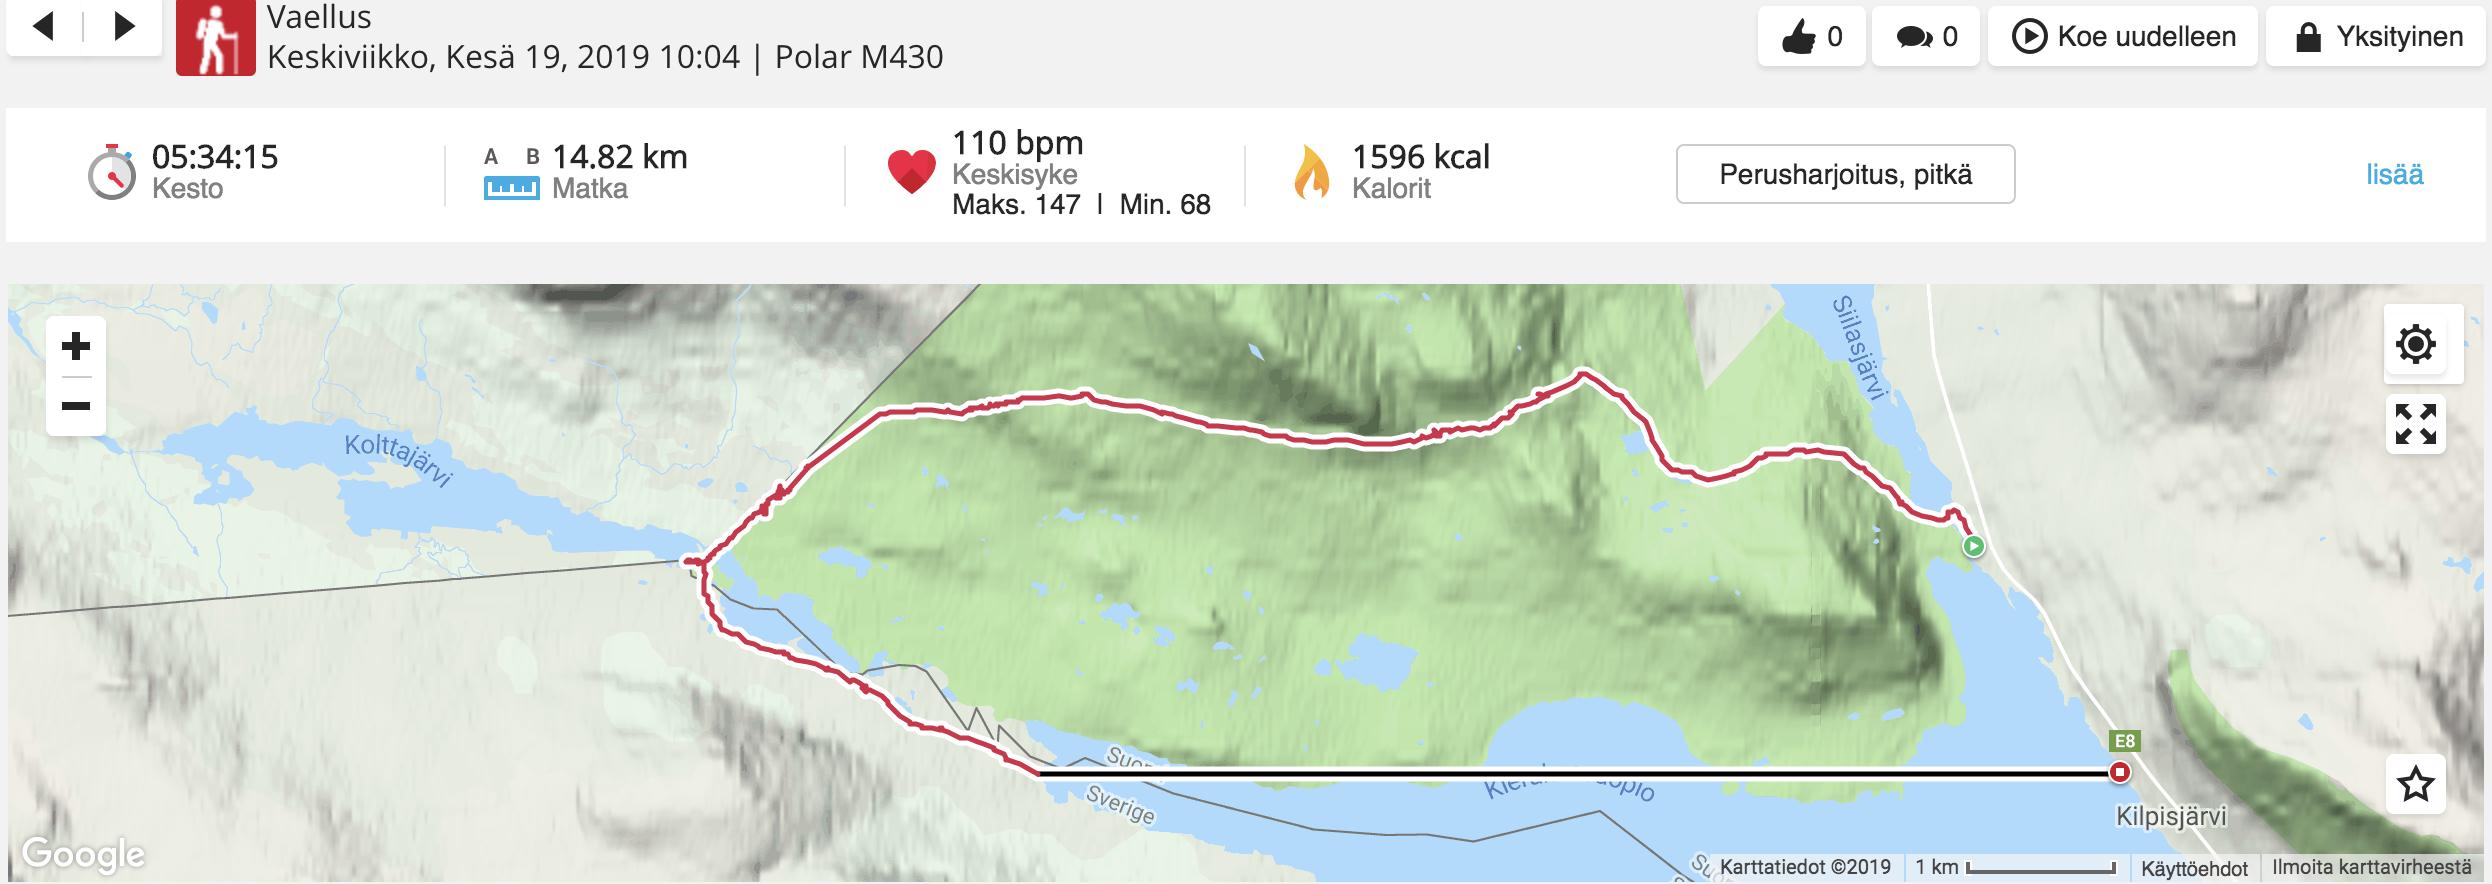 Mallan-luonnonpuisto_patikointi_kartta